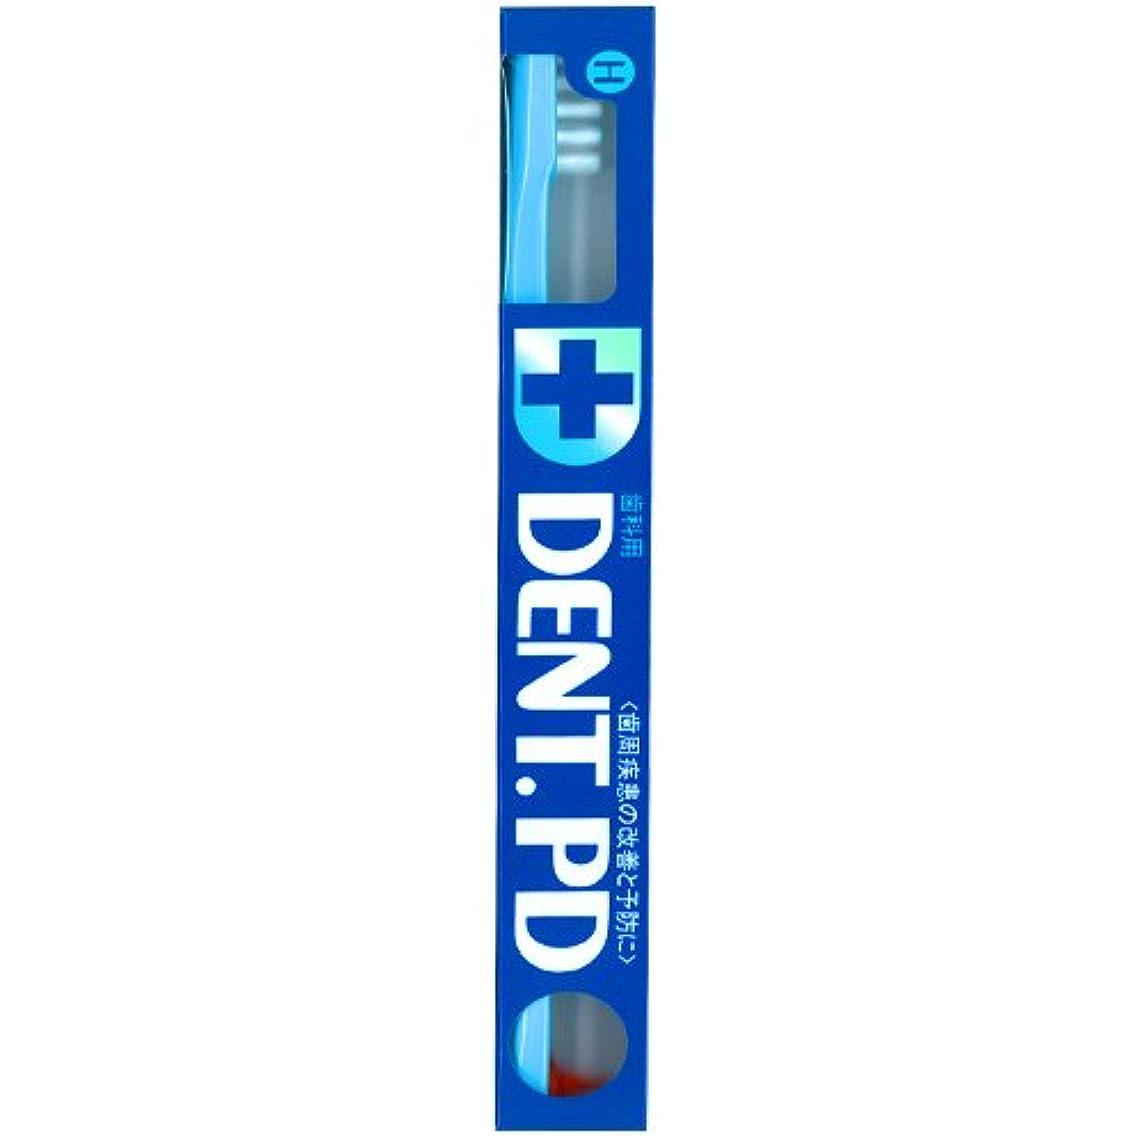 アライメント引用年ライオン DENT.PD歯ブラシ 1本 H (ブルー)